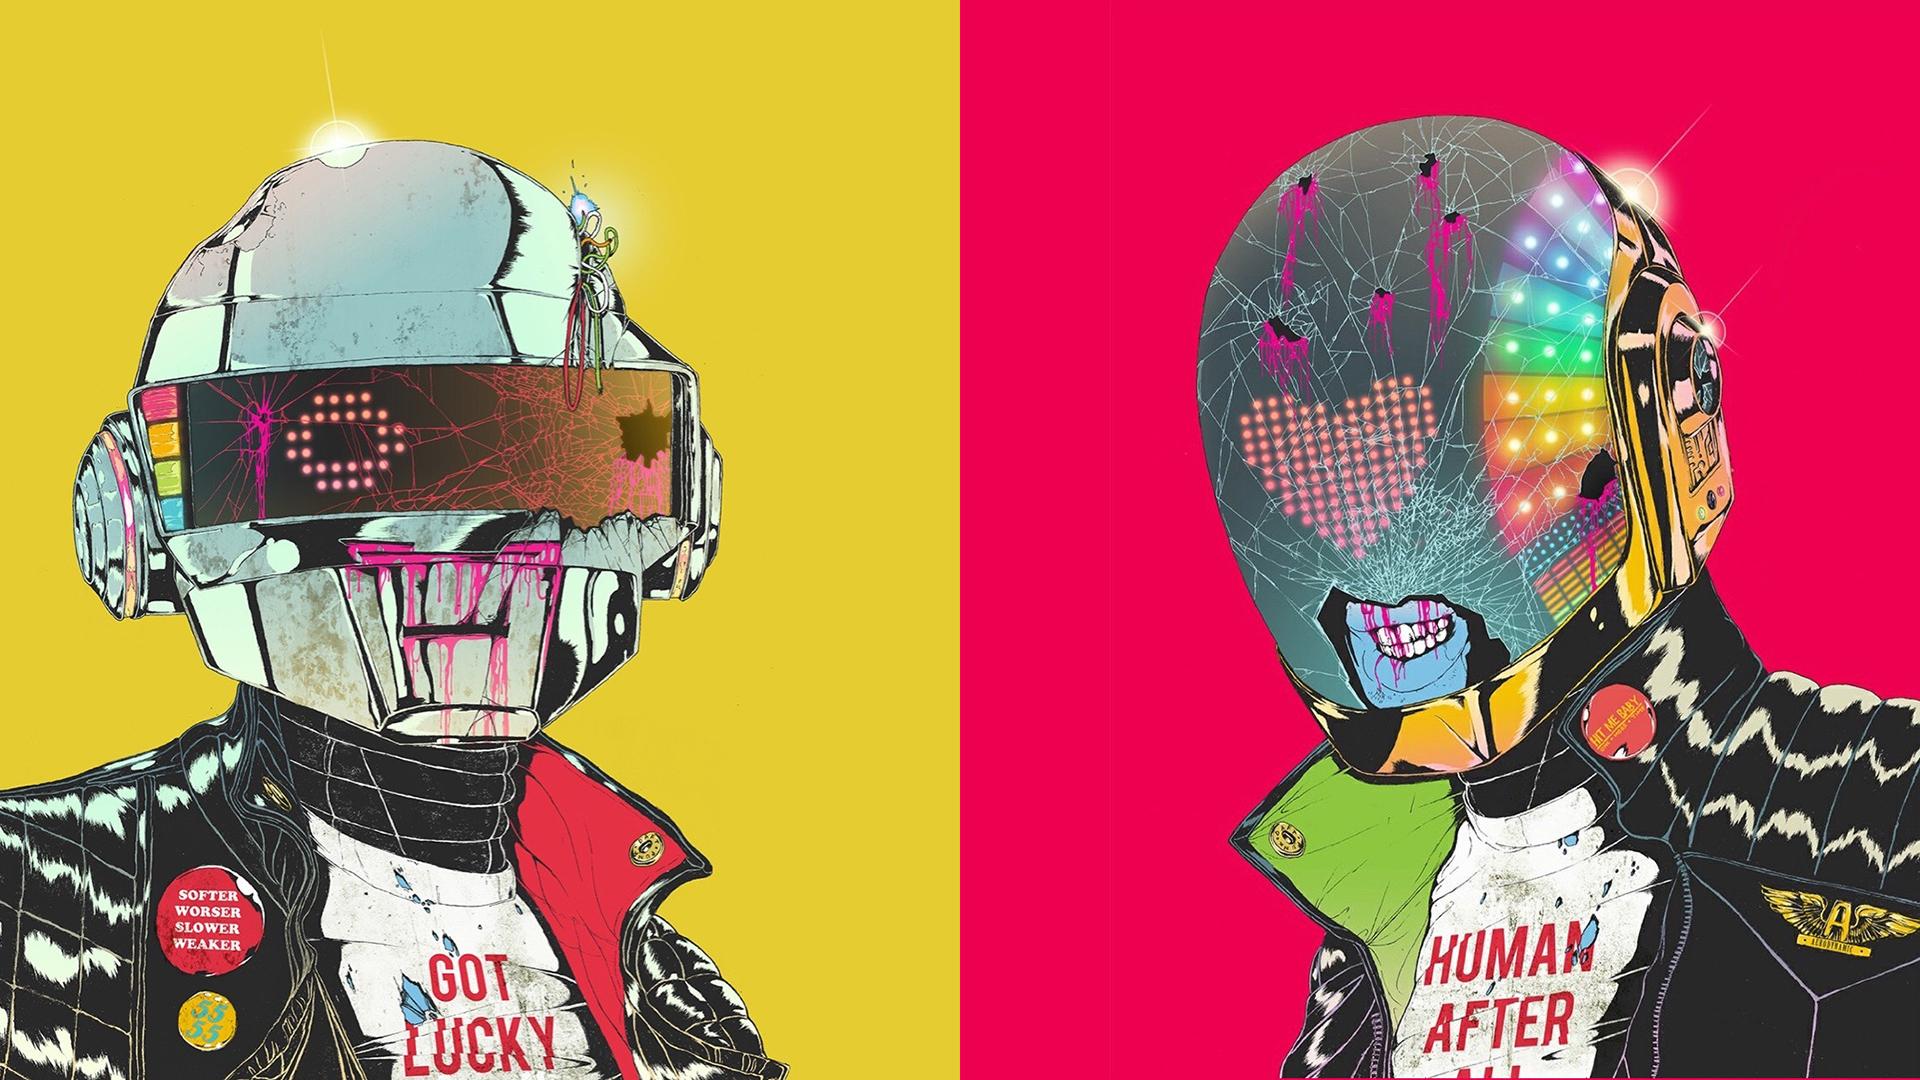 Wallpaper : Daft Punk, zombies, hats, ART 1920x1080 ...